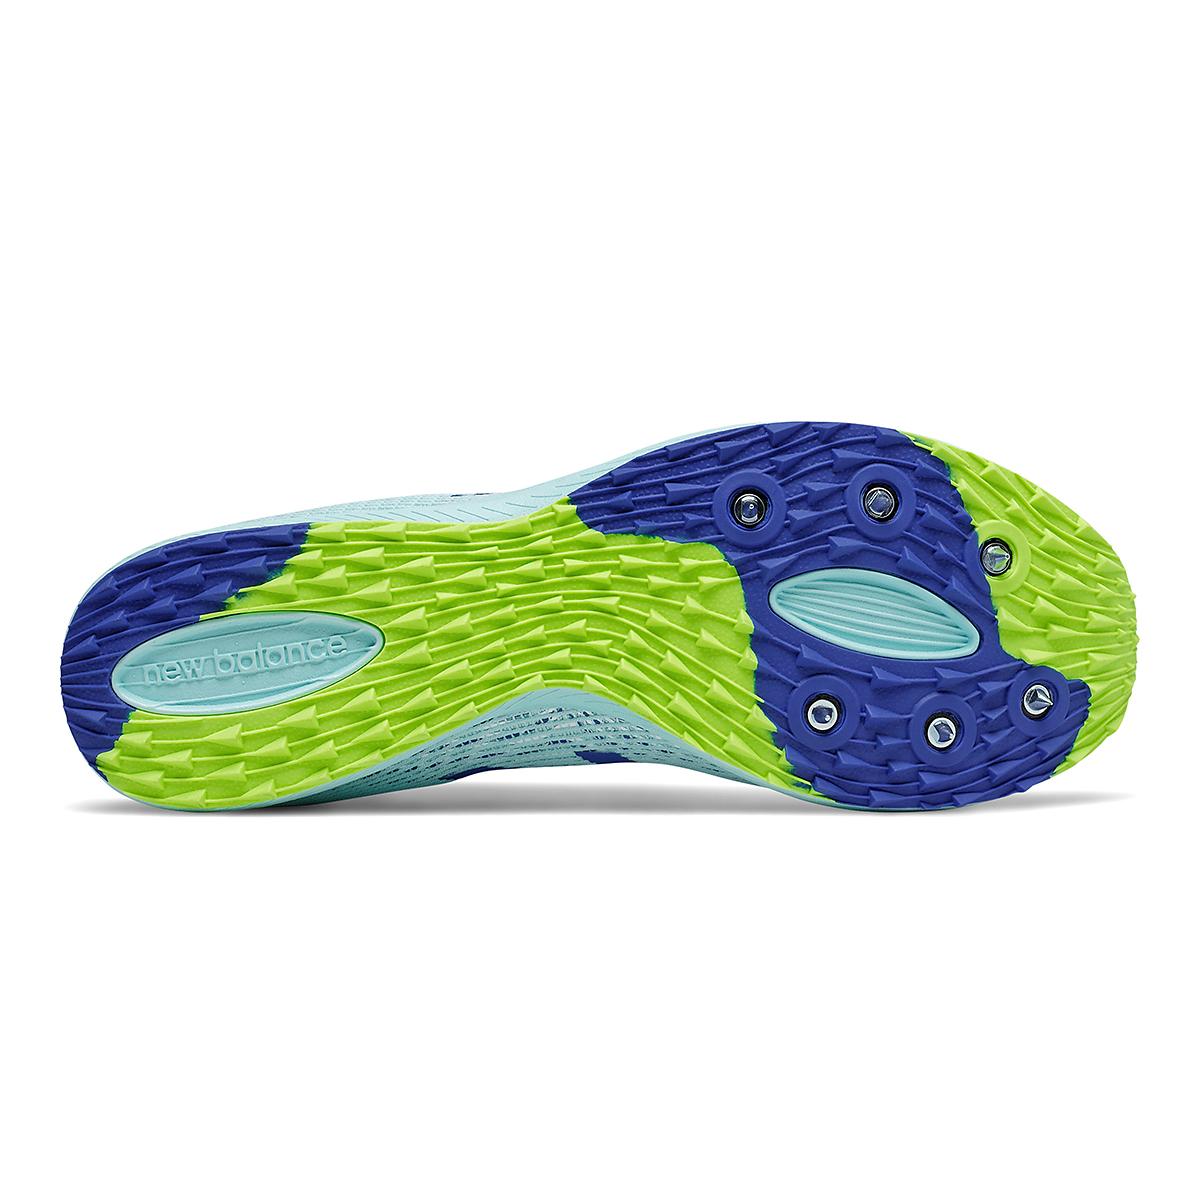 Women's New Balance XC Seven v3 Track Spikes - Color: Glacier/Cobalt - Size: 5.5 - Width: Regular, Glacier/Cobalt, large, image 4